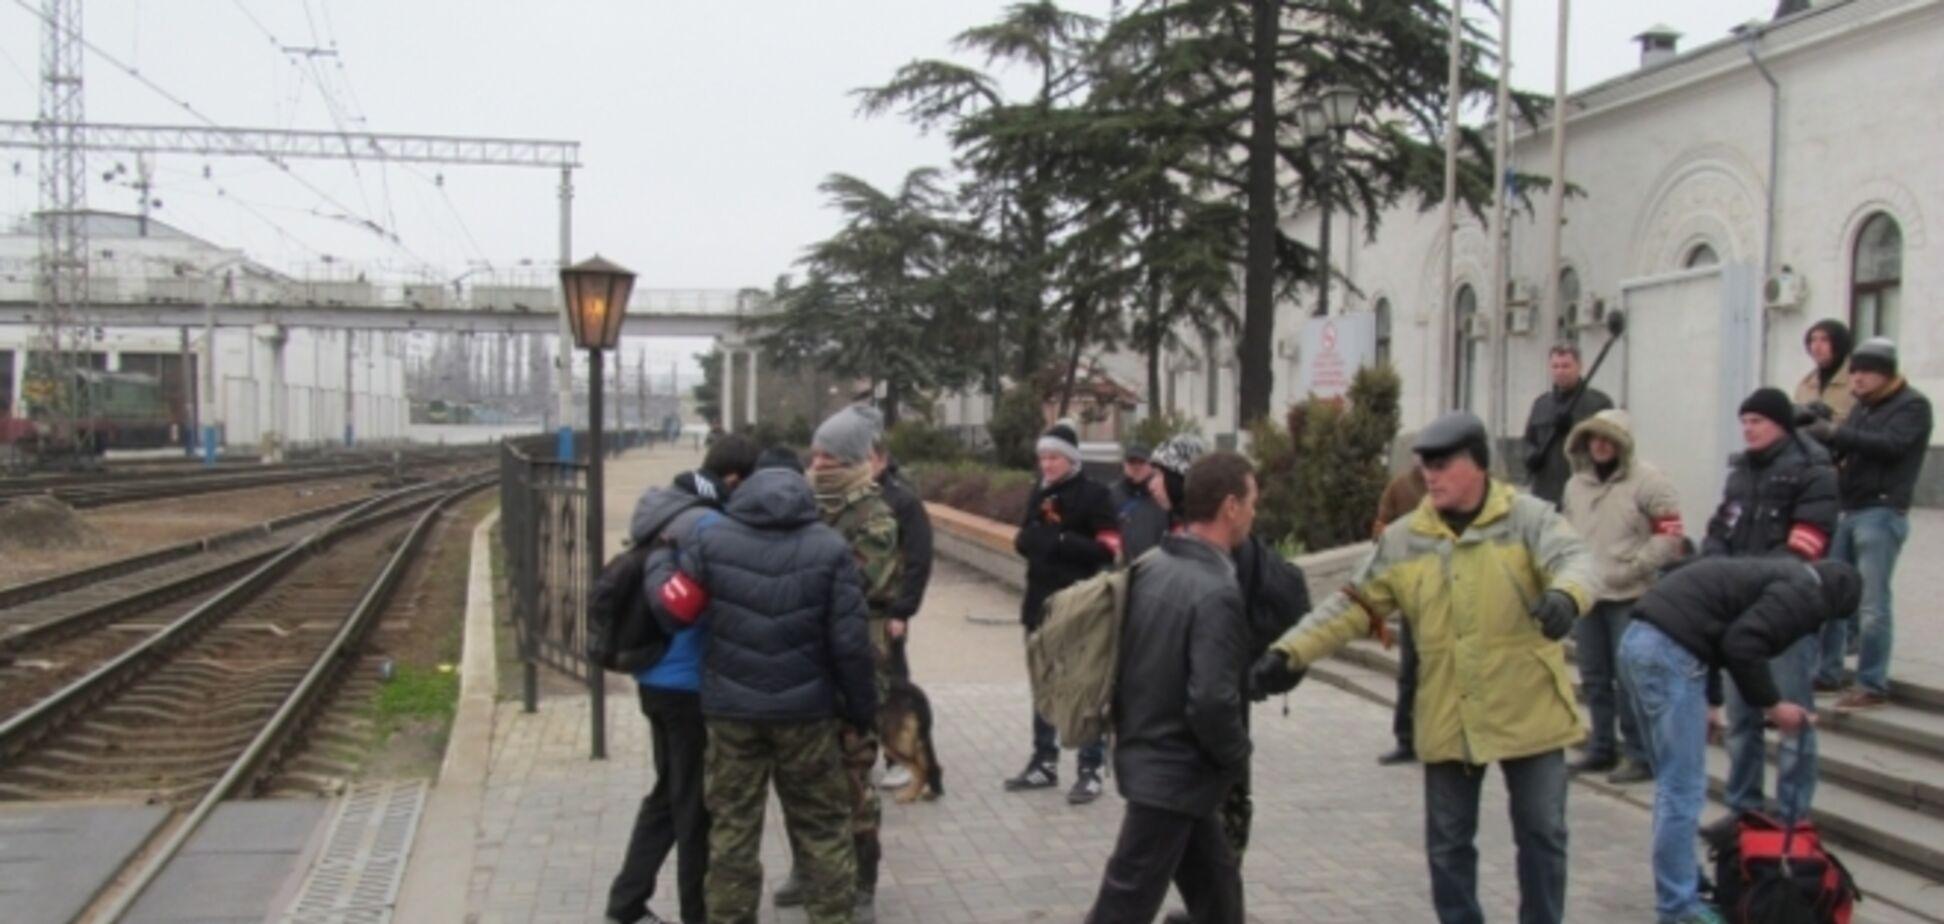 Обыскивать дом крымских татар в Крыму пришли 15 человек без документов